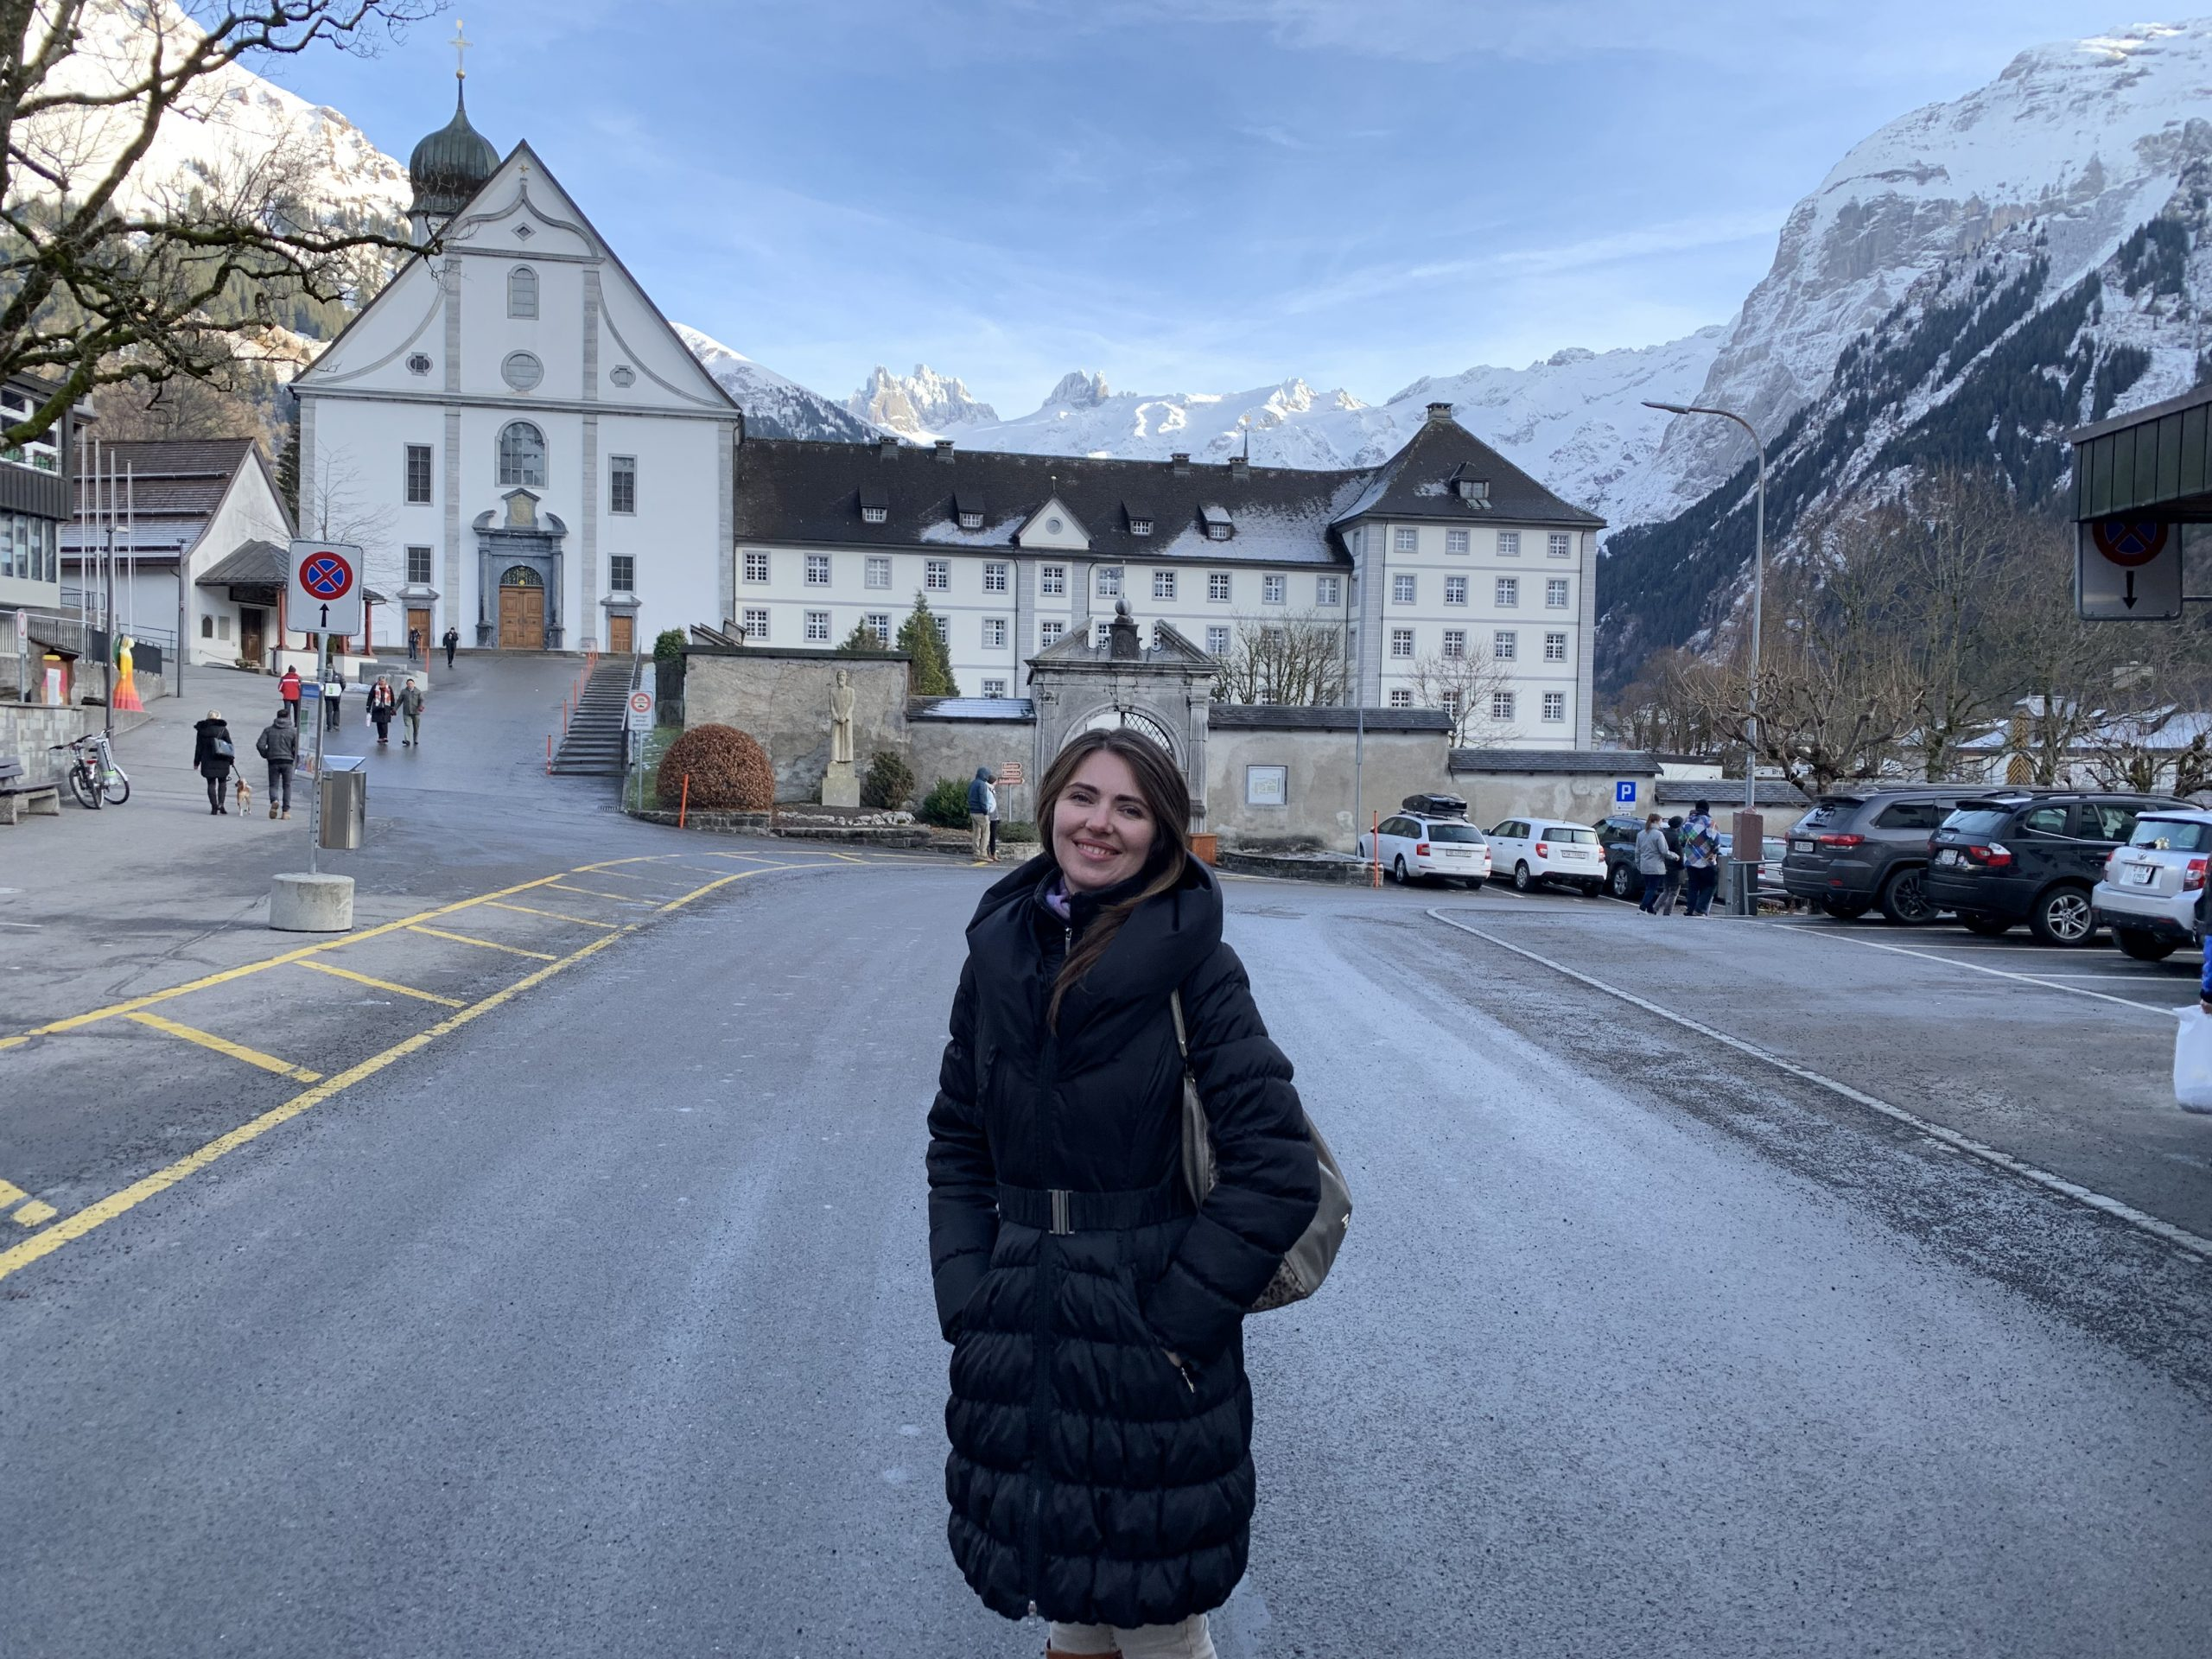 Манастир в подножието на планината на Ангелите в Швейцария